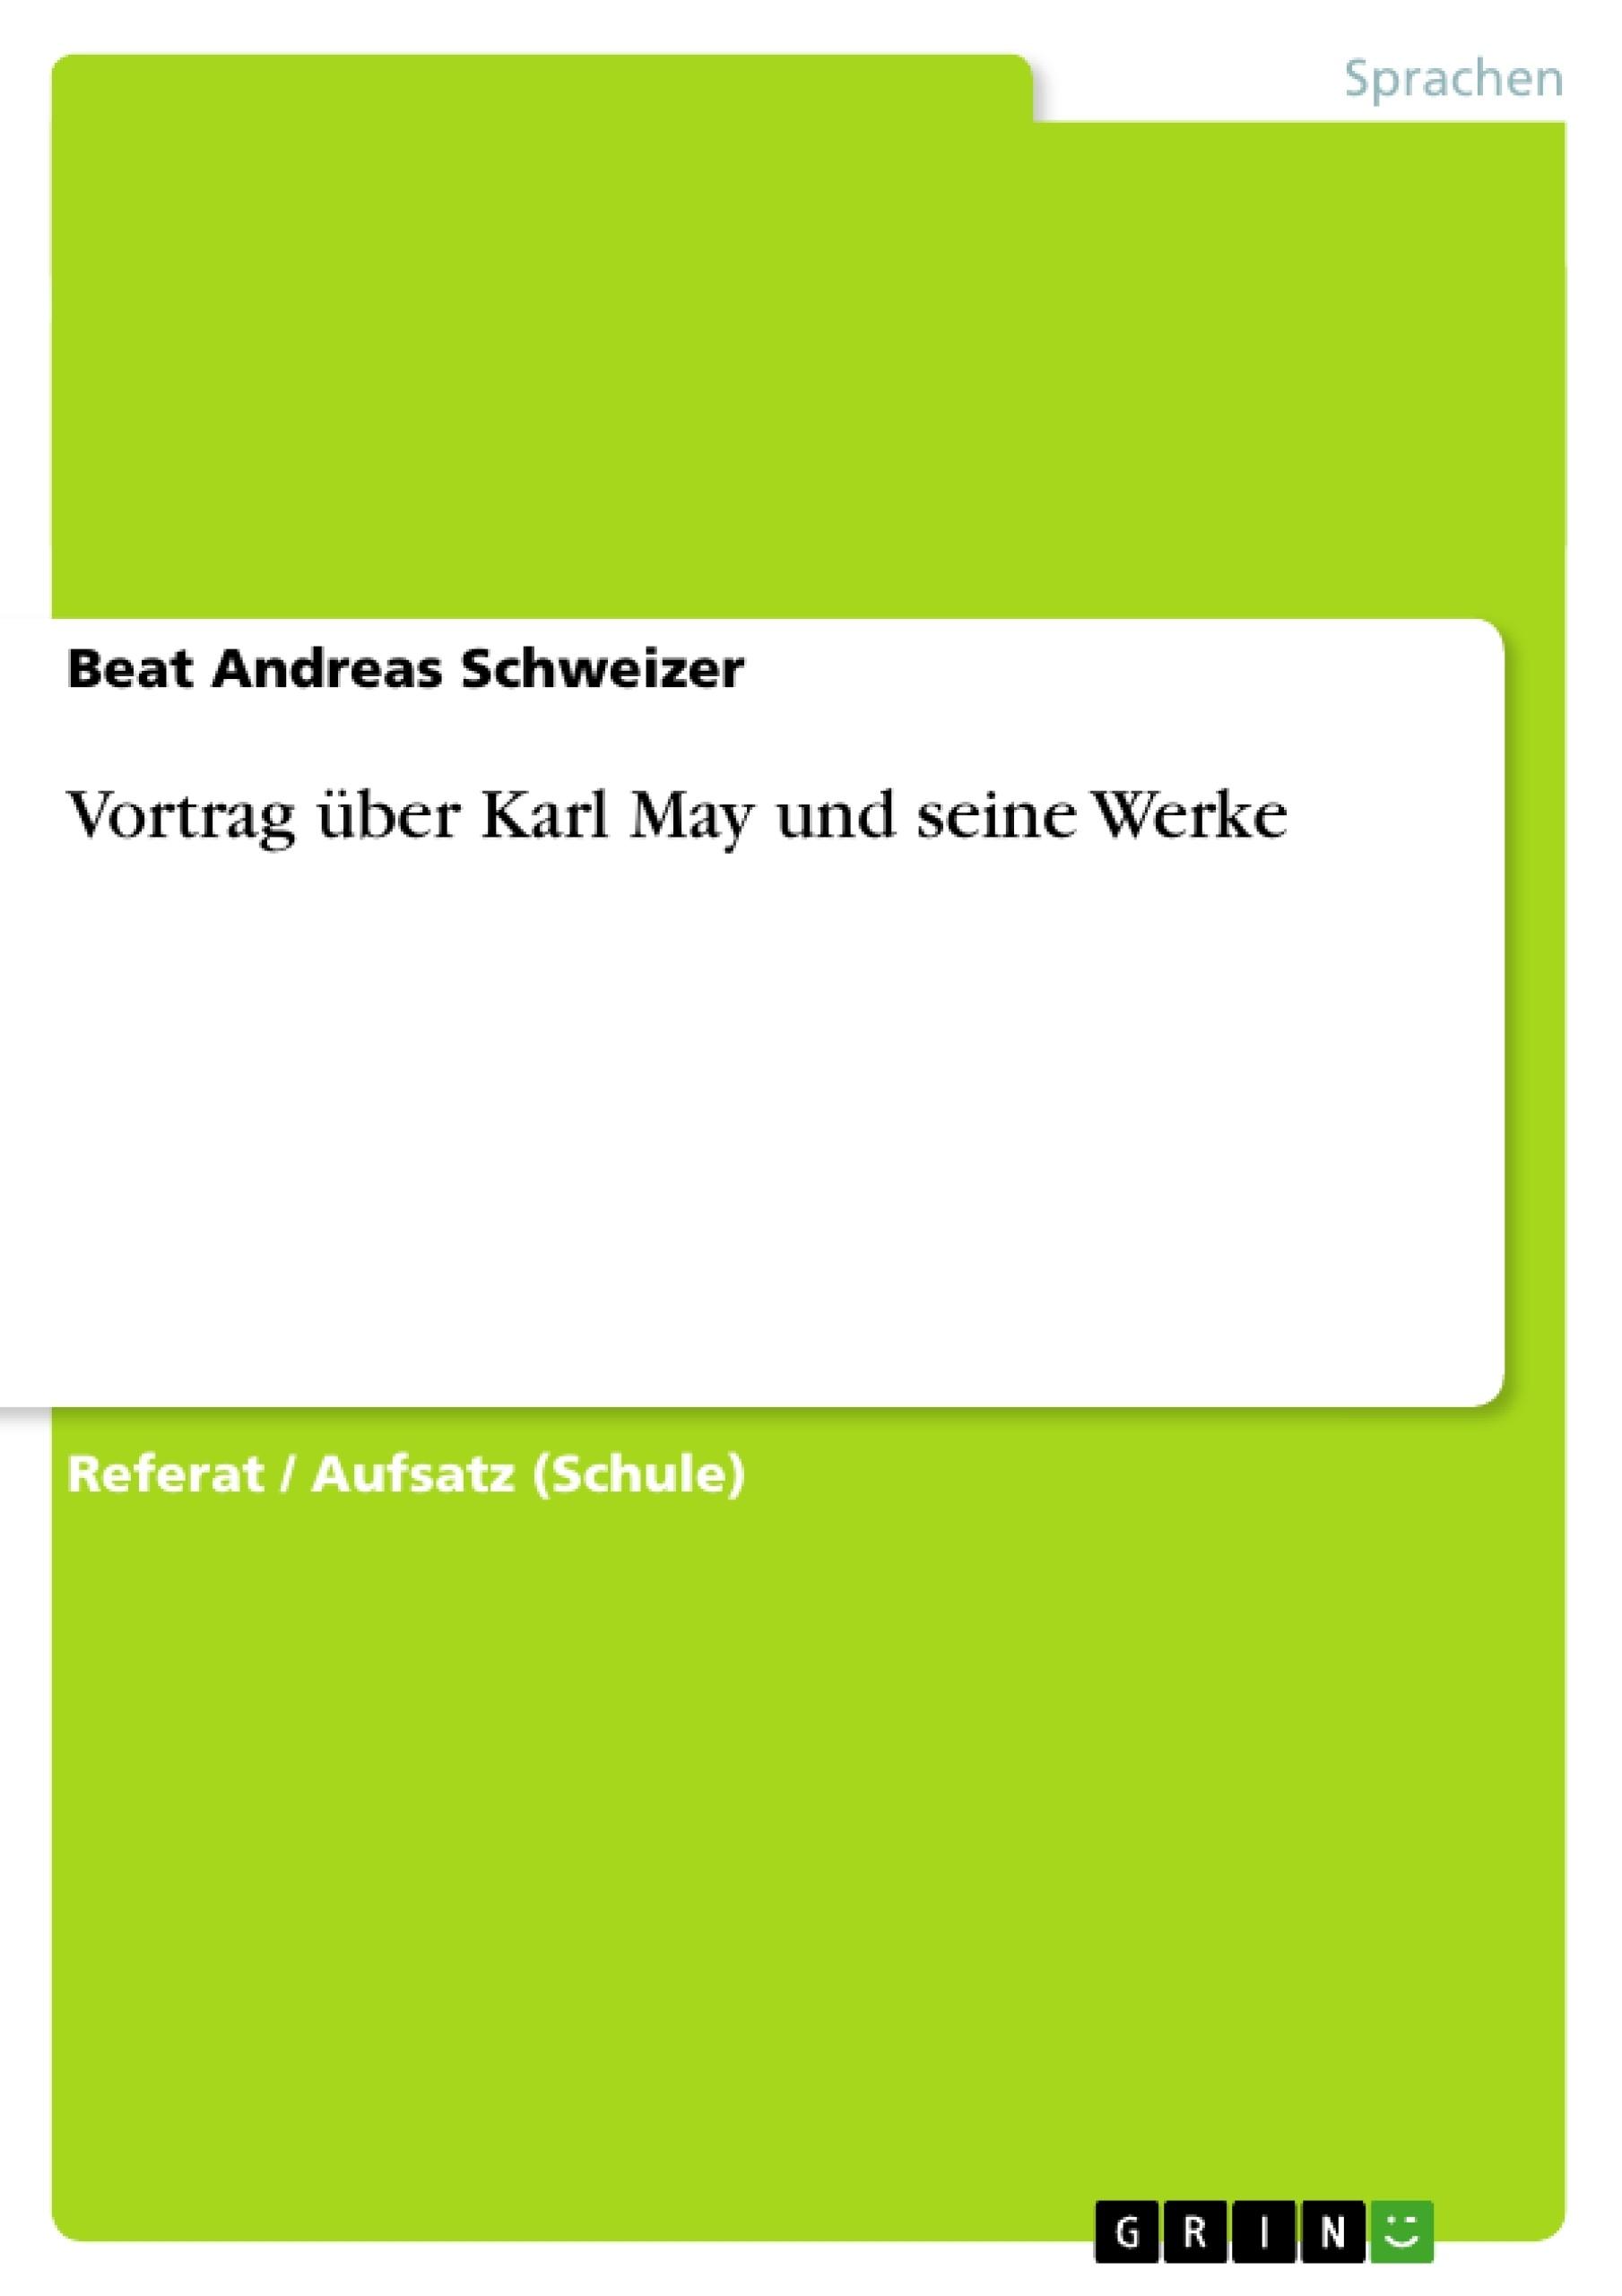 Titel: Vortrag über Karl May und seine Werke